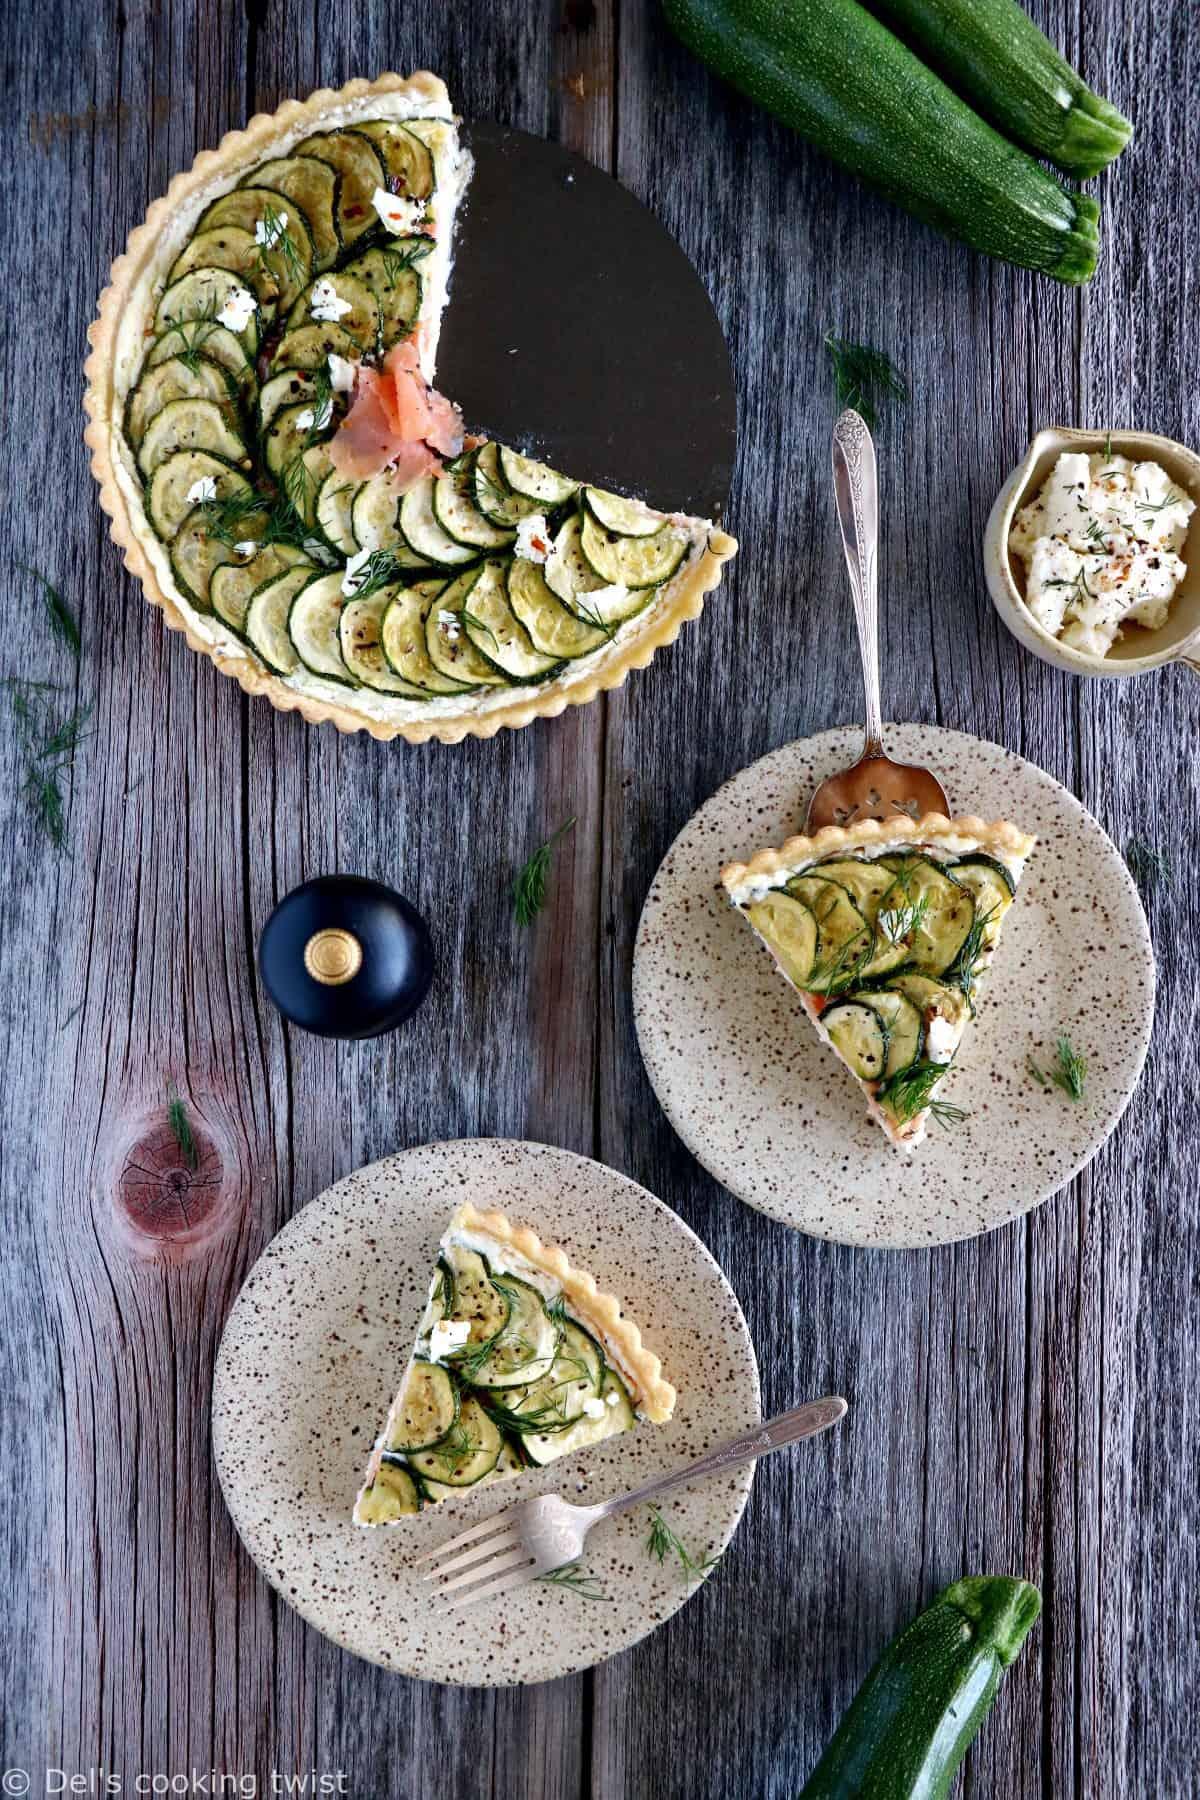 Une délicieuse tarte à la ricotta au saumon et aux courgettes aux saveurs fraîches et estivales. À savourer tiède ou froide, en entrée ou en plat principal.